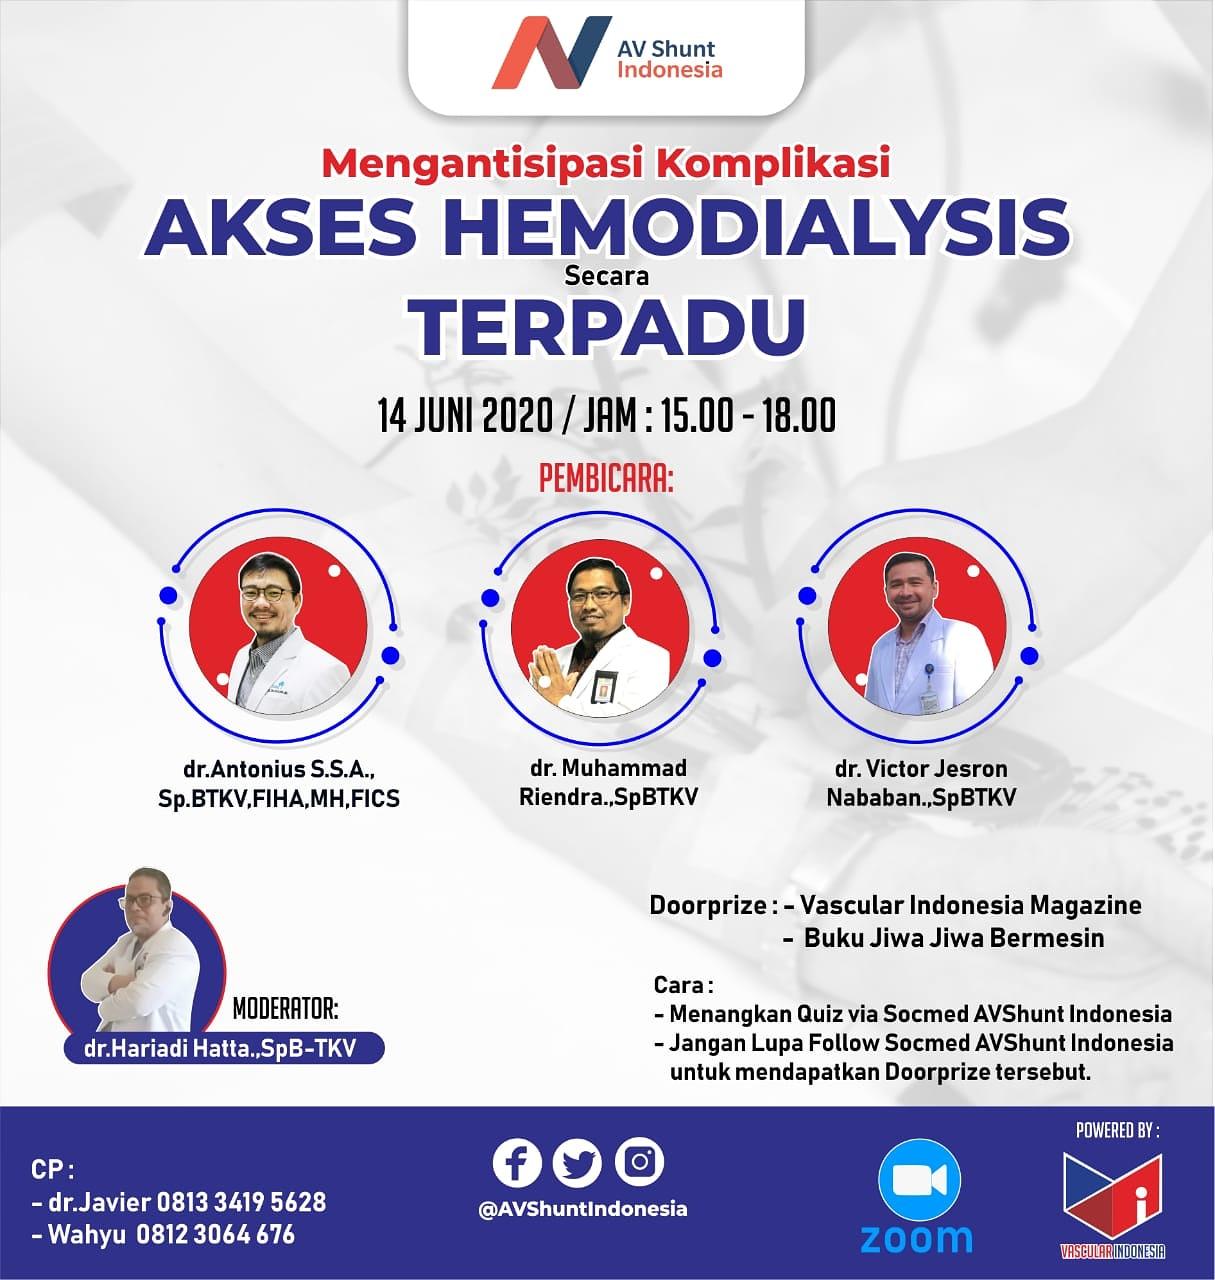 http://avshuntindonesia.com/images/blog/BLOG__mengantisipasi-komplikasi-akses-hemodialysis-secara-terpadu-__20200922063156.jpg